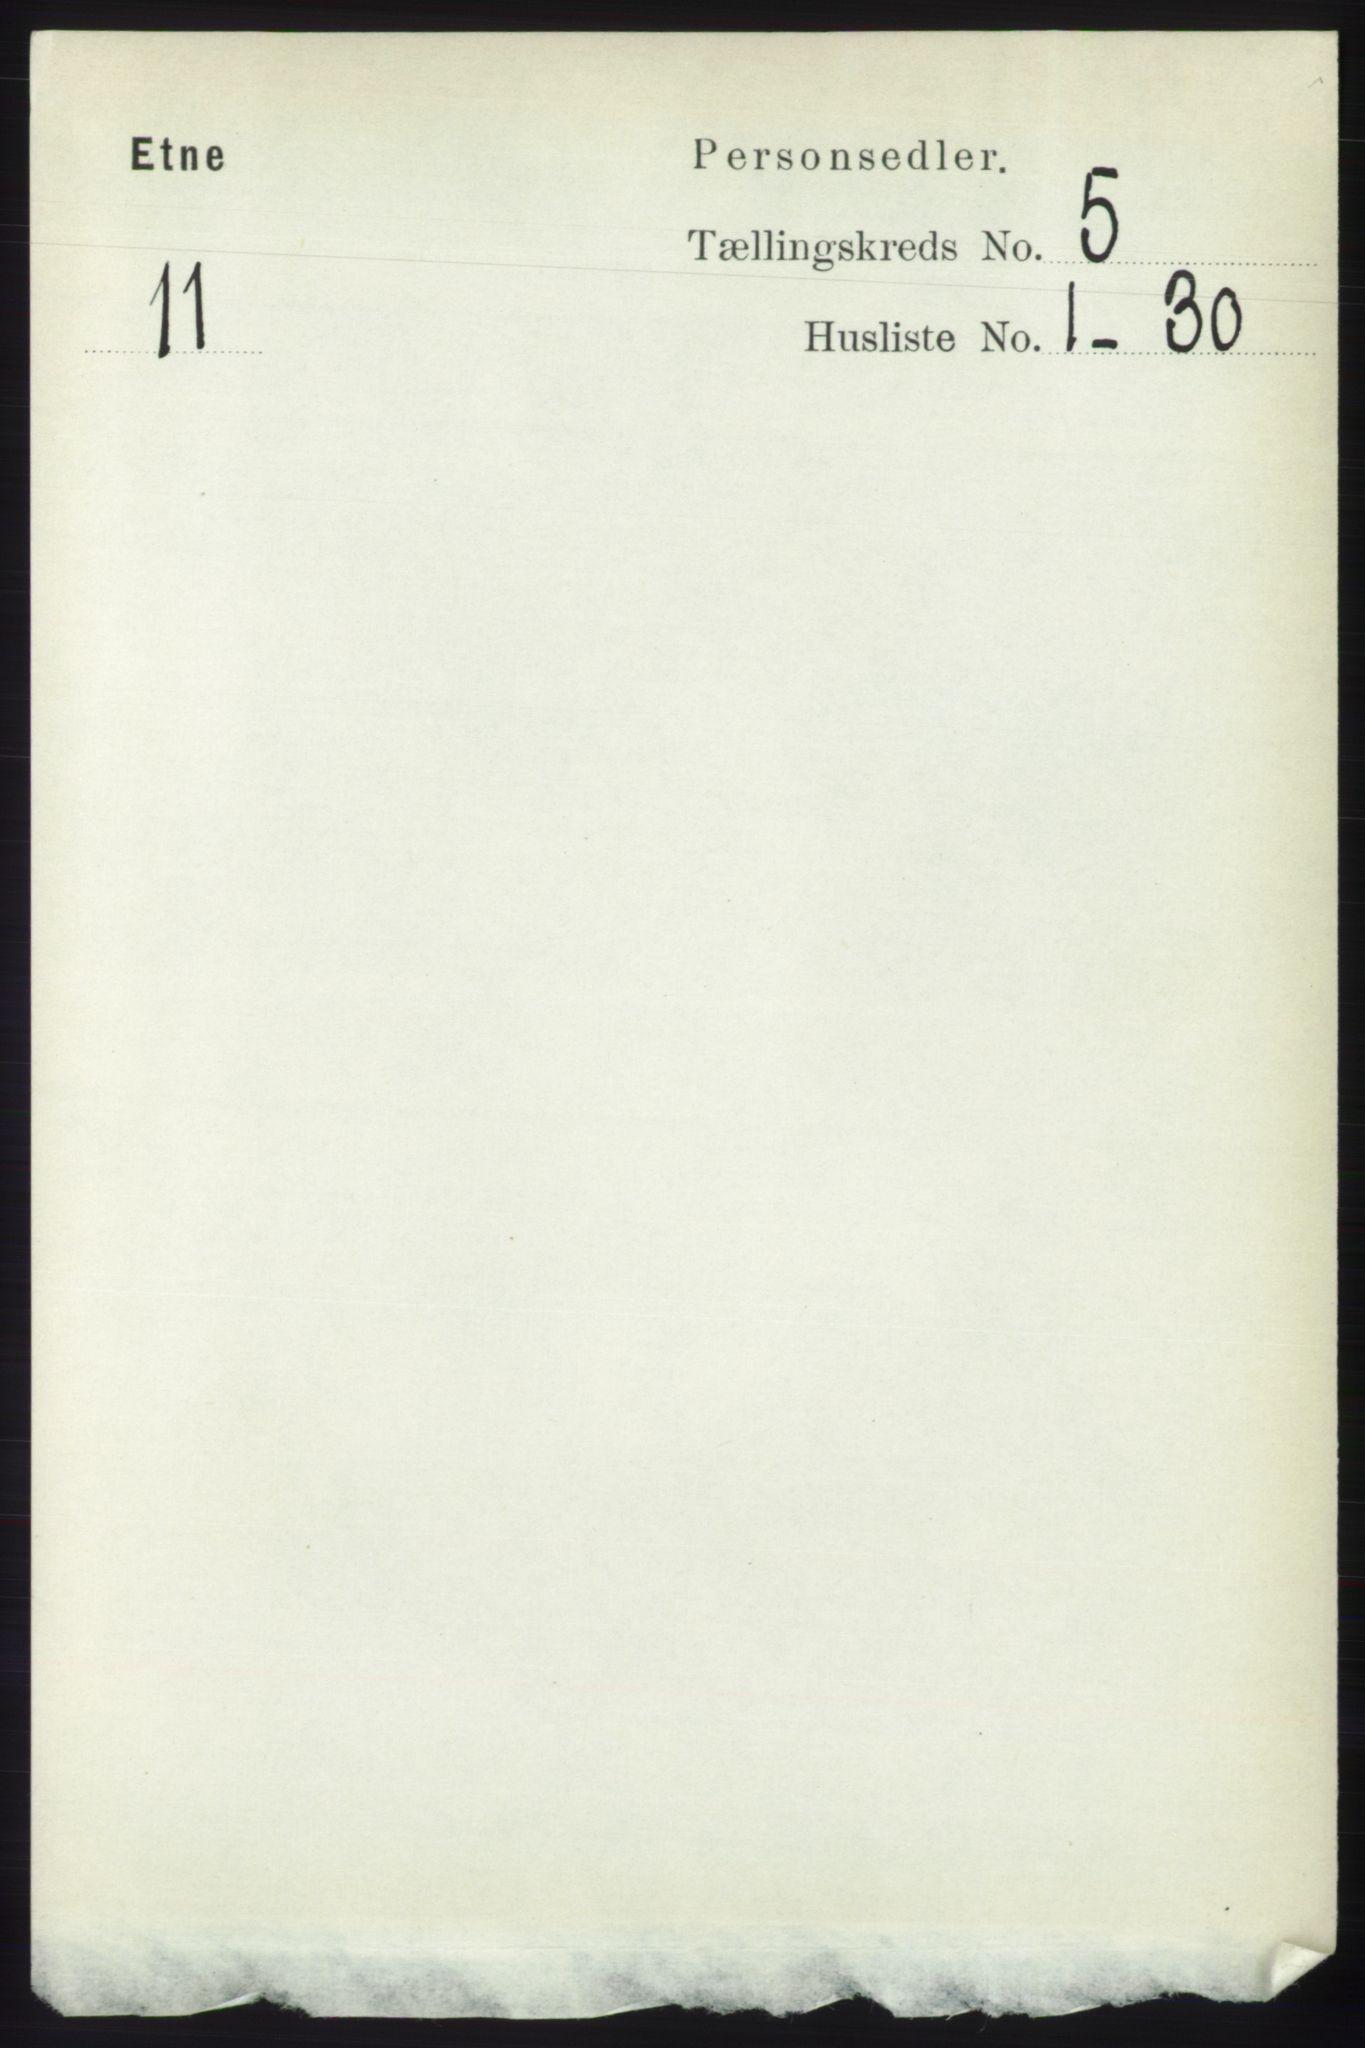 RA, Folketelling 1891 for 1211 Etne herred, 1891, s. 1018